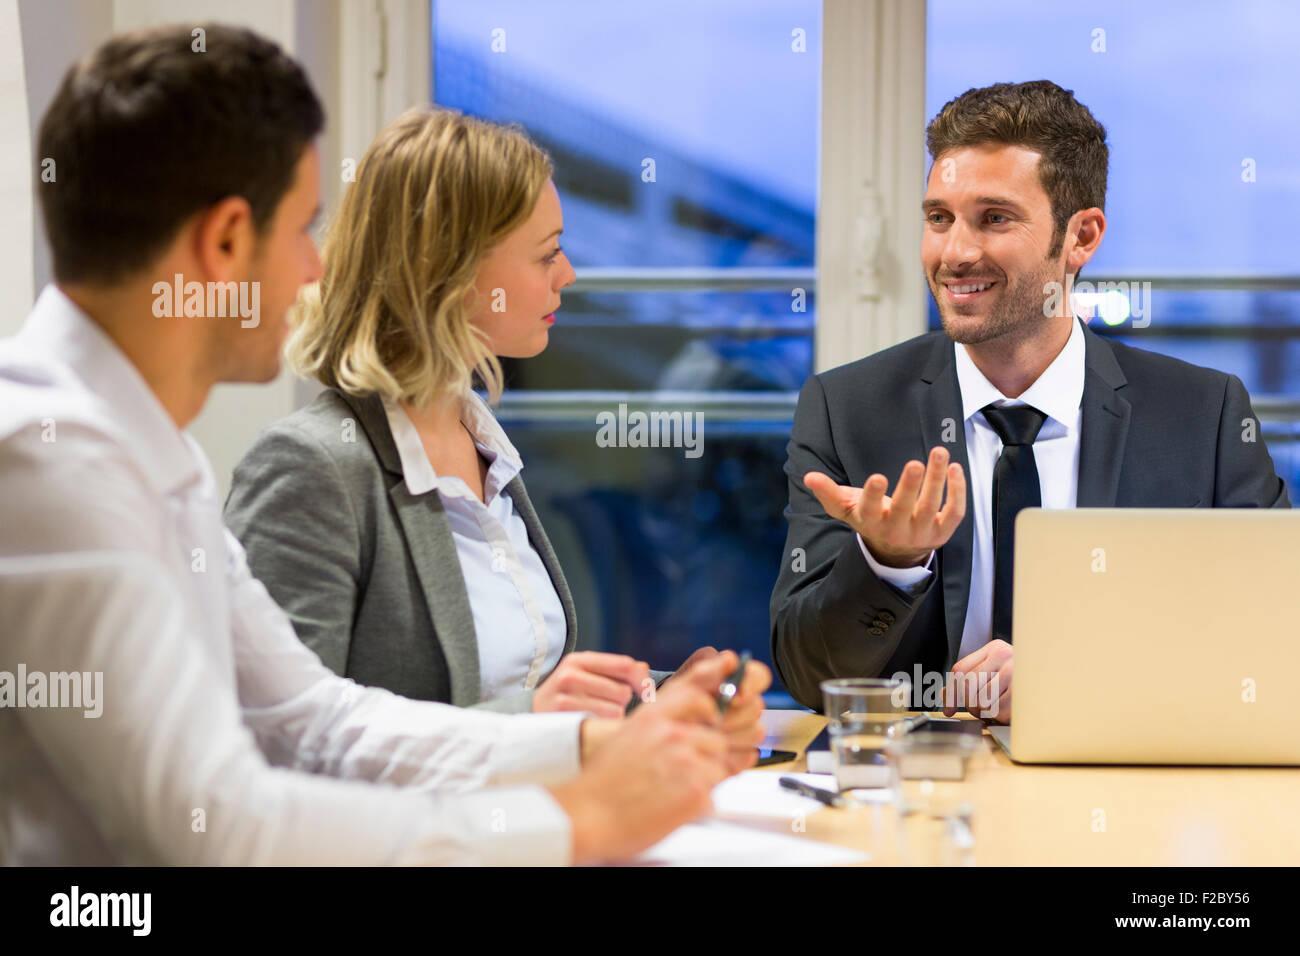 Les hommes et femmes en faisant valoir l'ensemble de table de conférence Banque D'Images